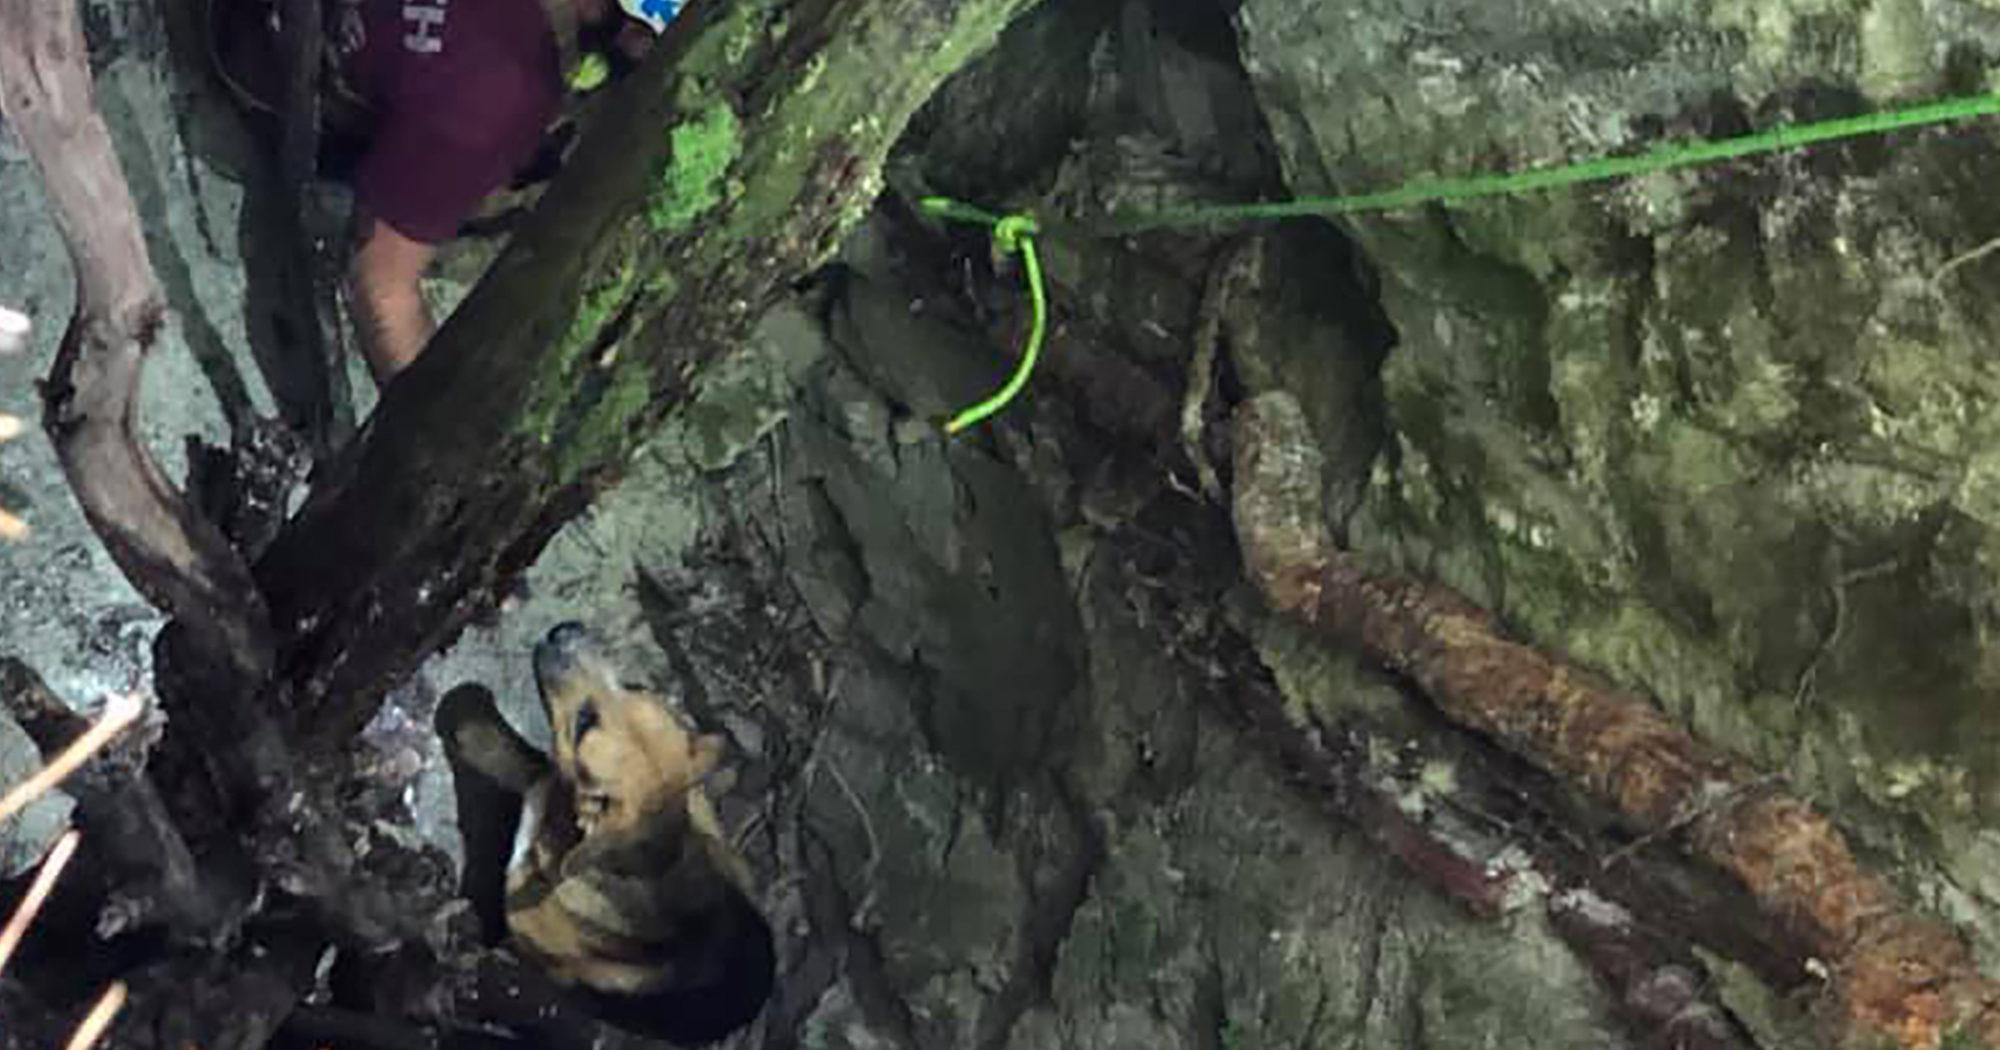 Sinkhole Dog Saved